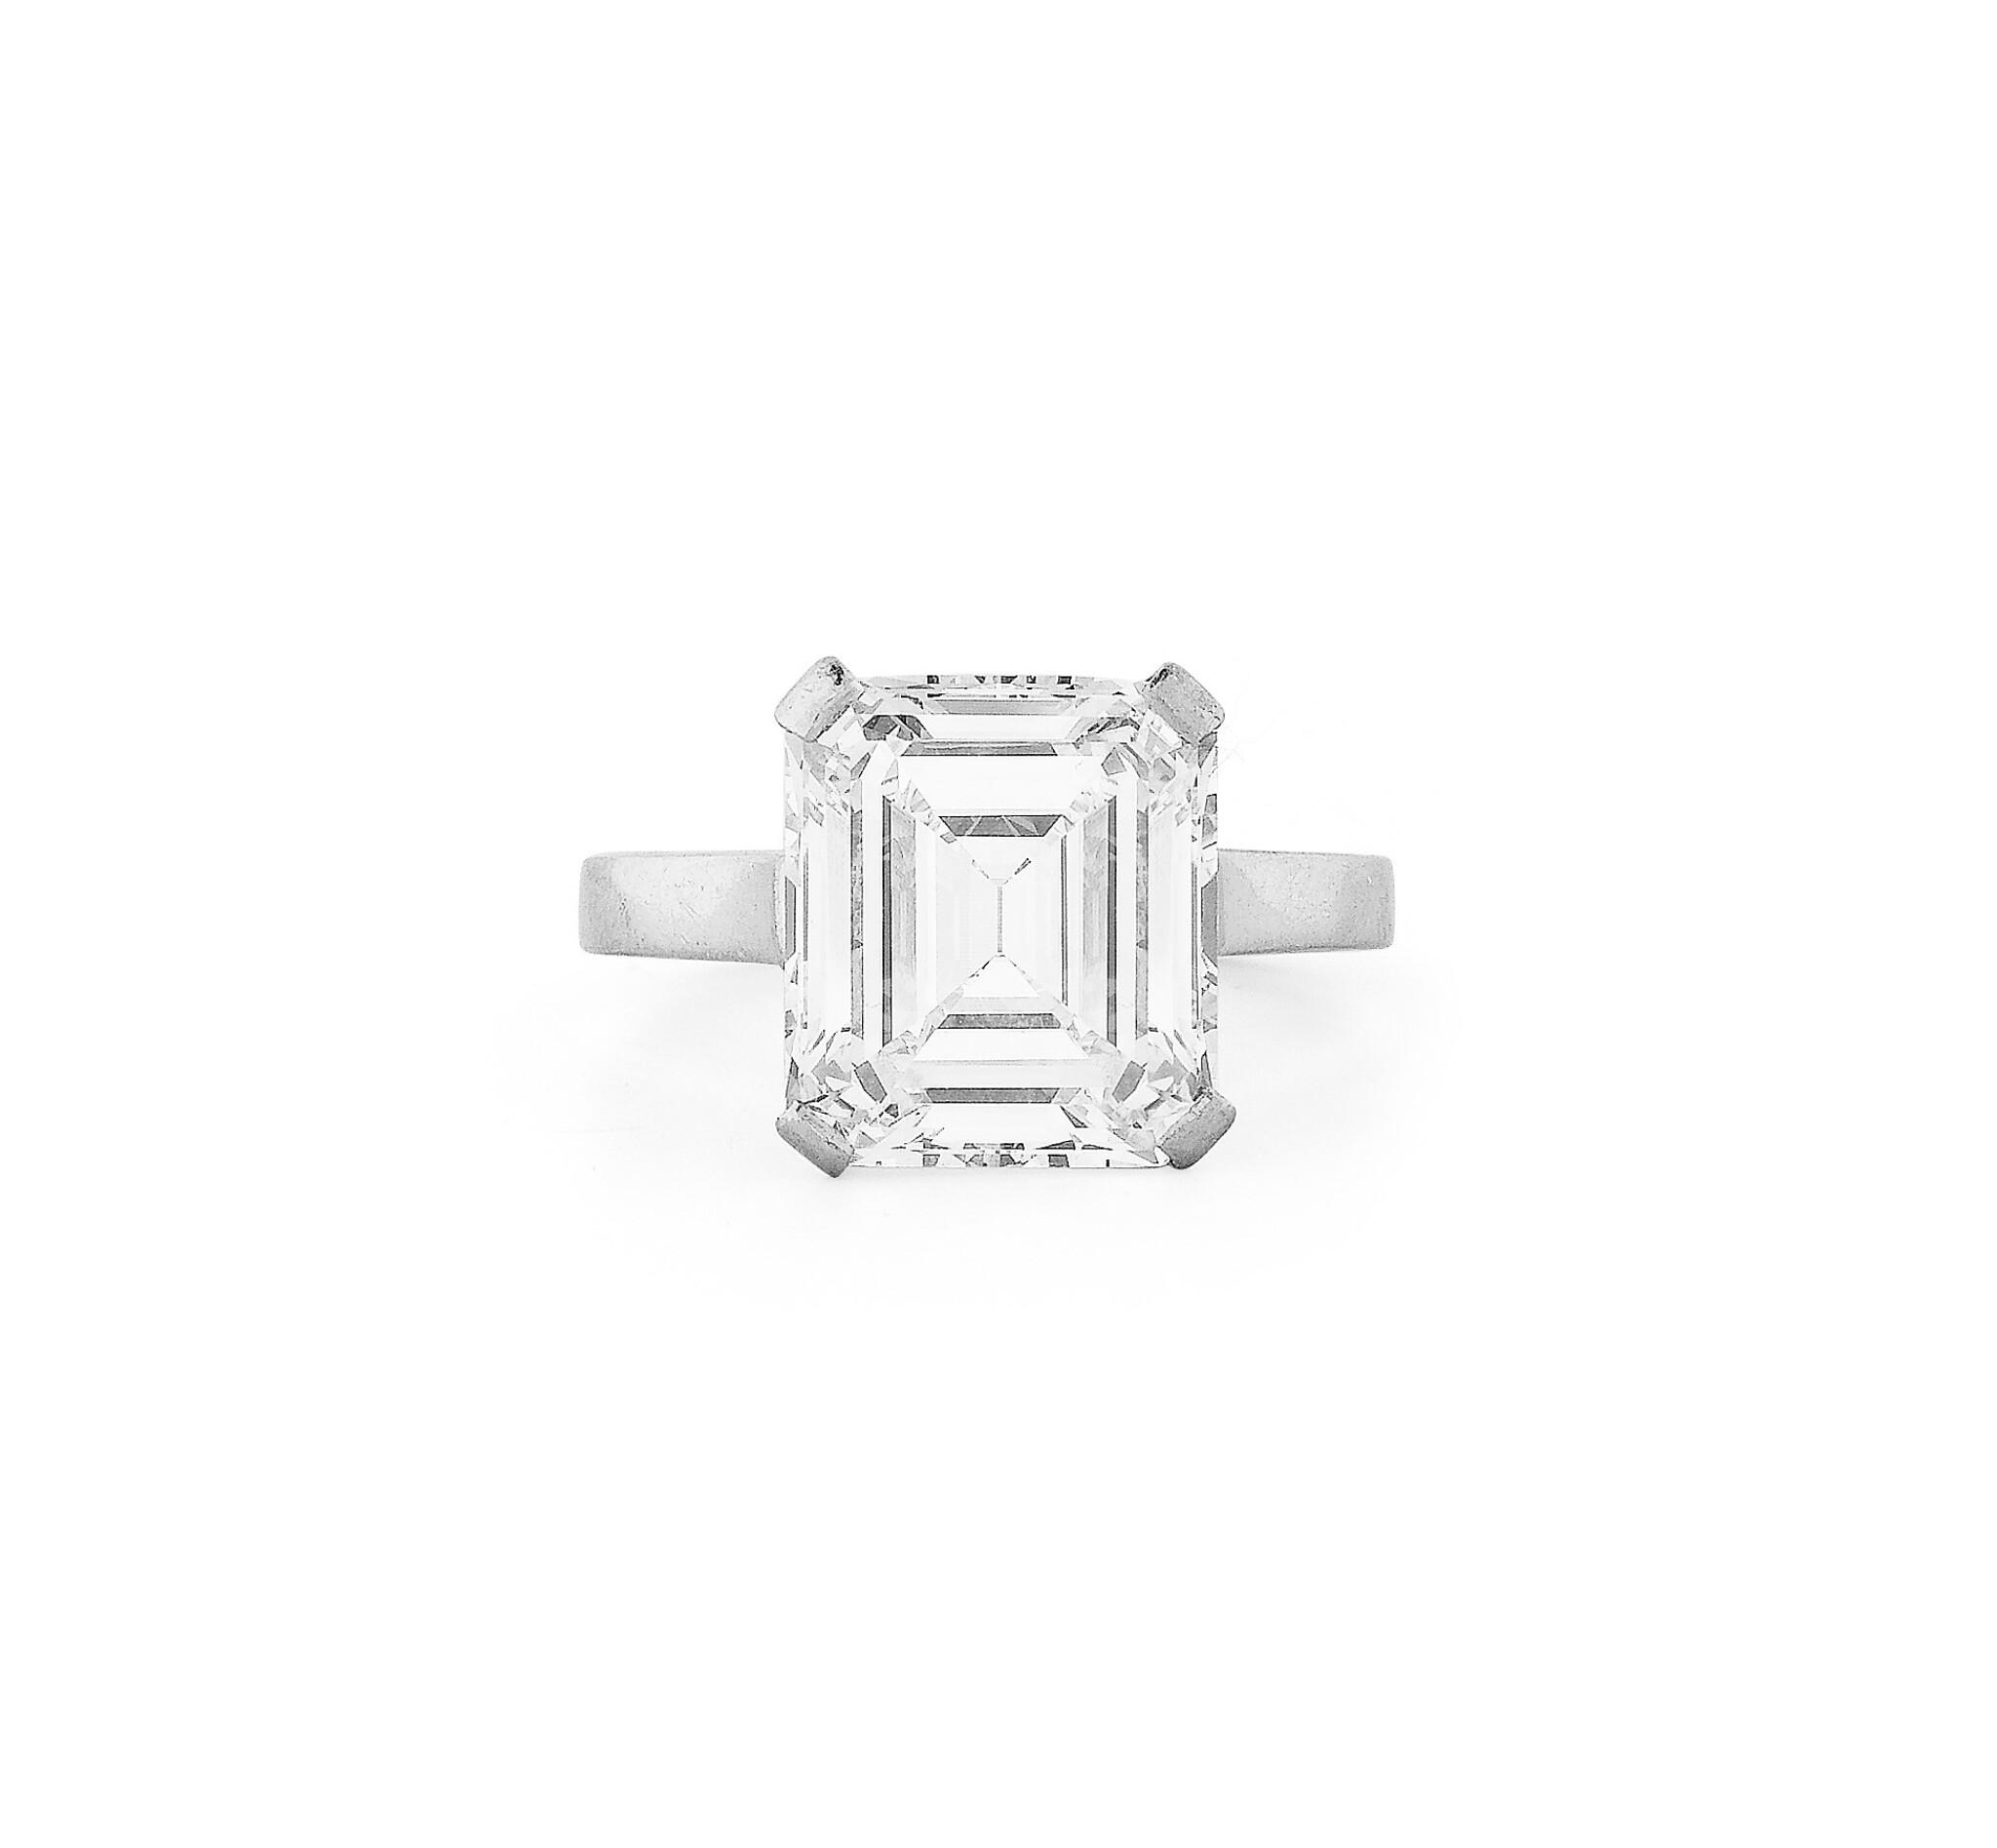 View full screen - View 1 of Lot 181. Bague diamant   Diamond ring.